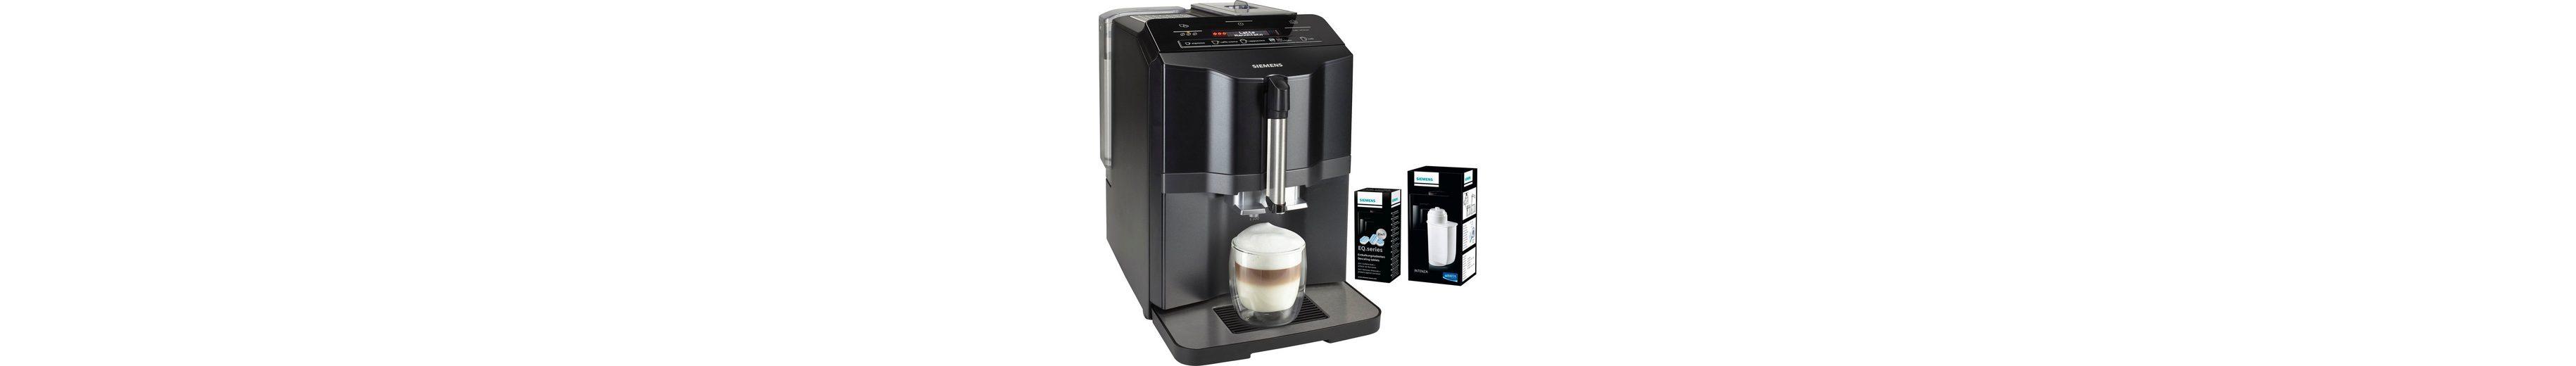 Siemens Kaffeevollautomat EQ.3 s300 TI313519DE, inkl. 1 Packung Entkalker und 1 Brita Intenza Wasserfilter im Wert von UVP 26,98